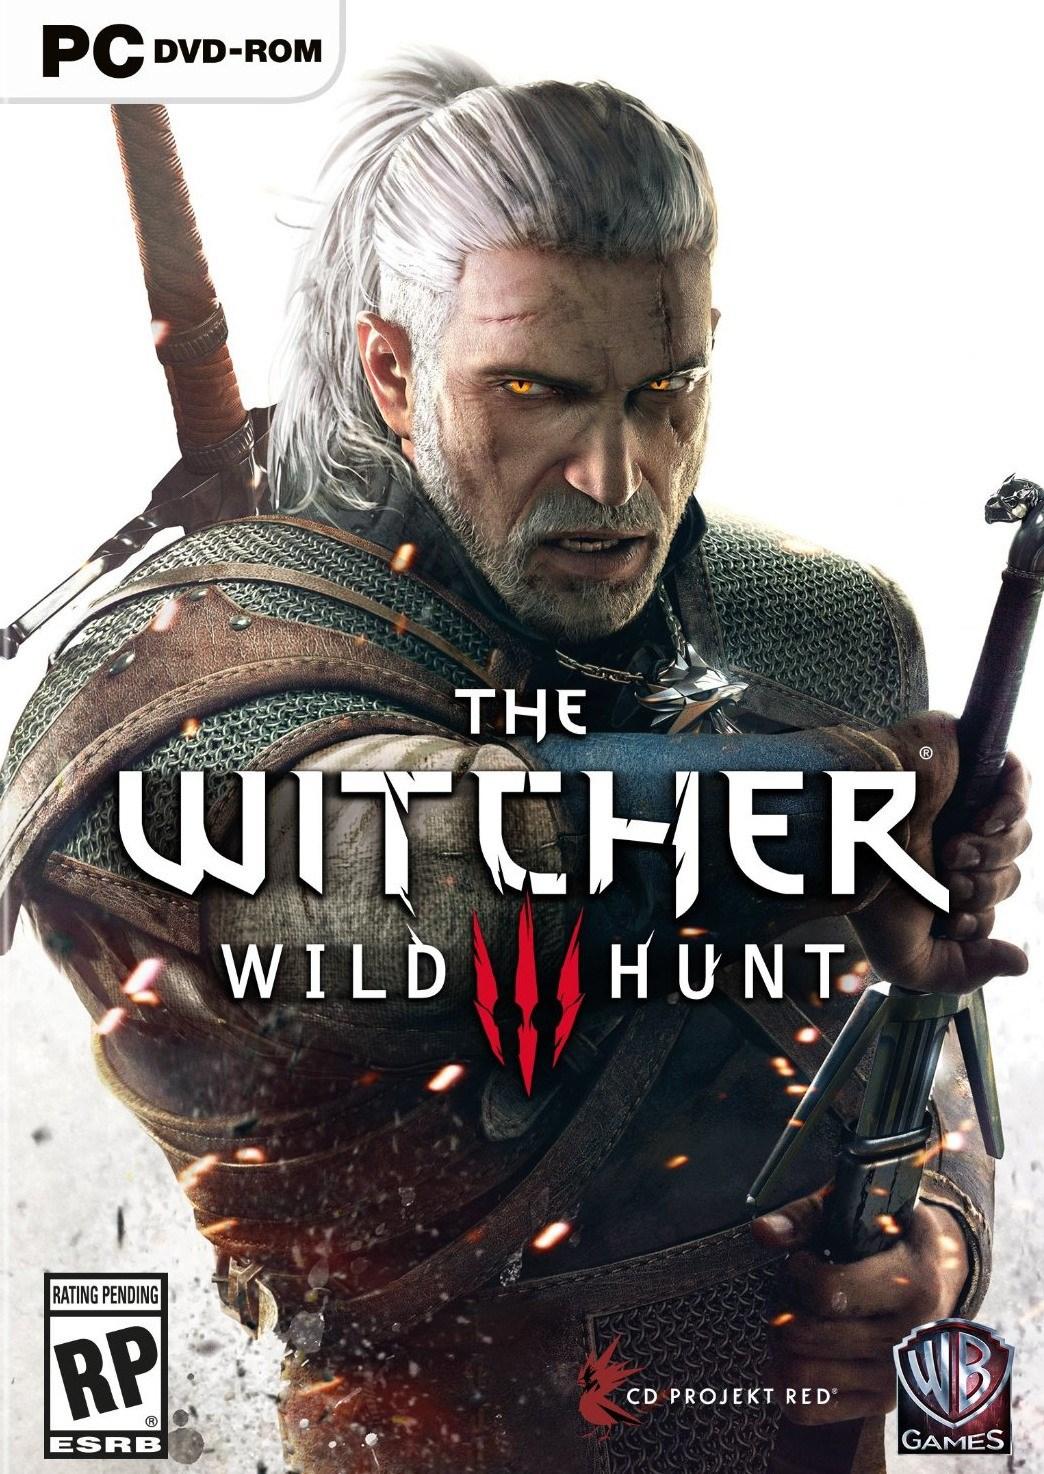 《巫师3:狂猎》IGN 9.3分 RPG游戏的新高度